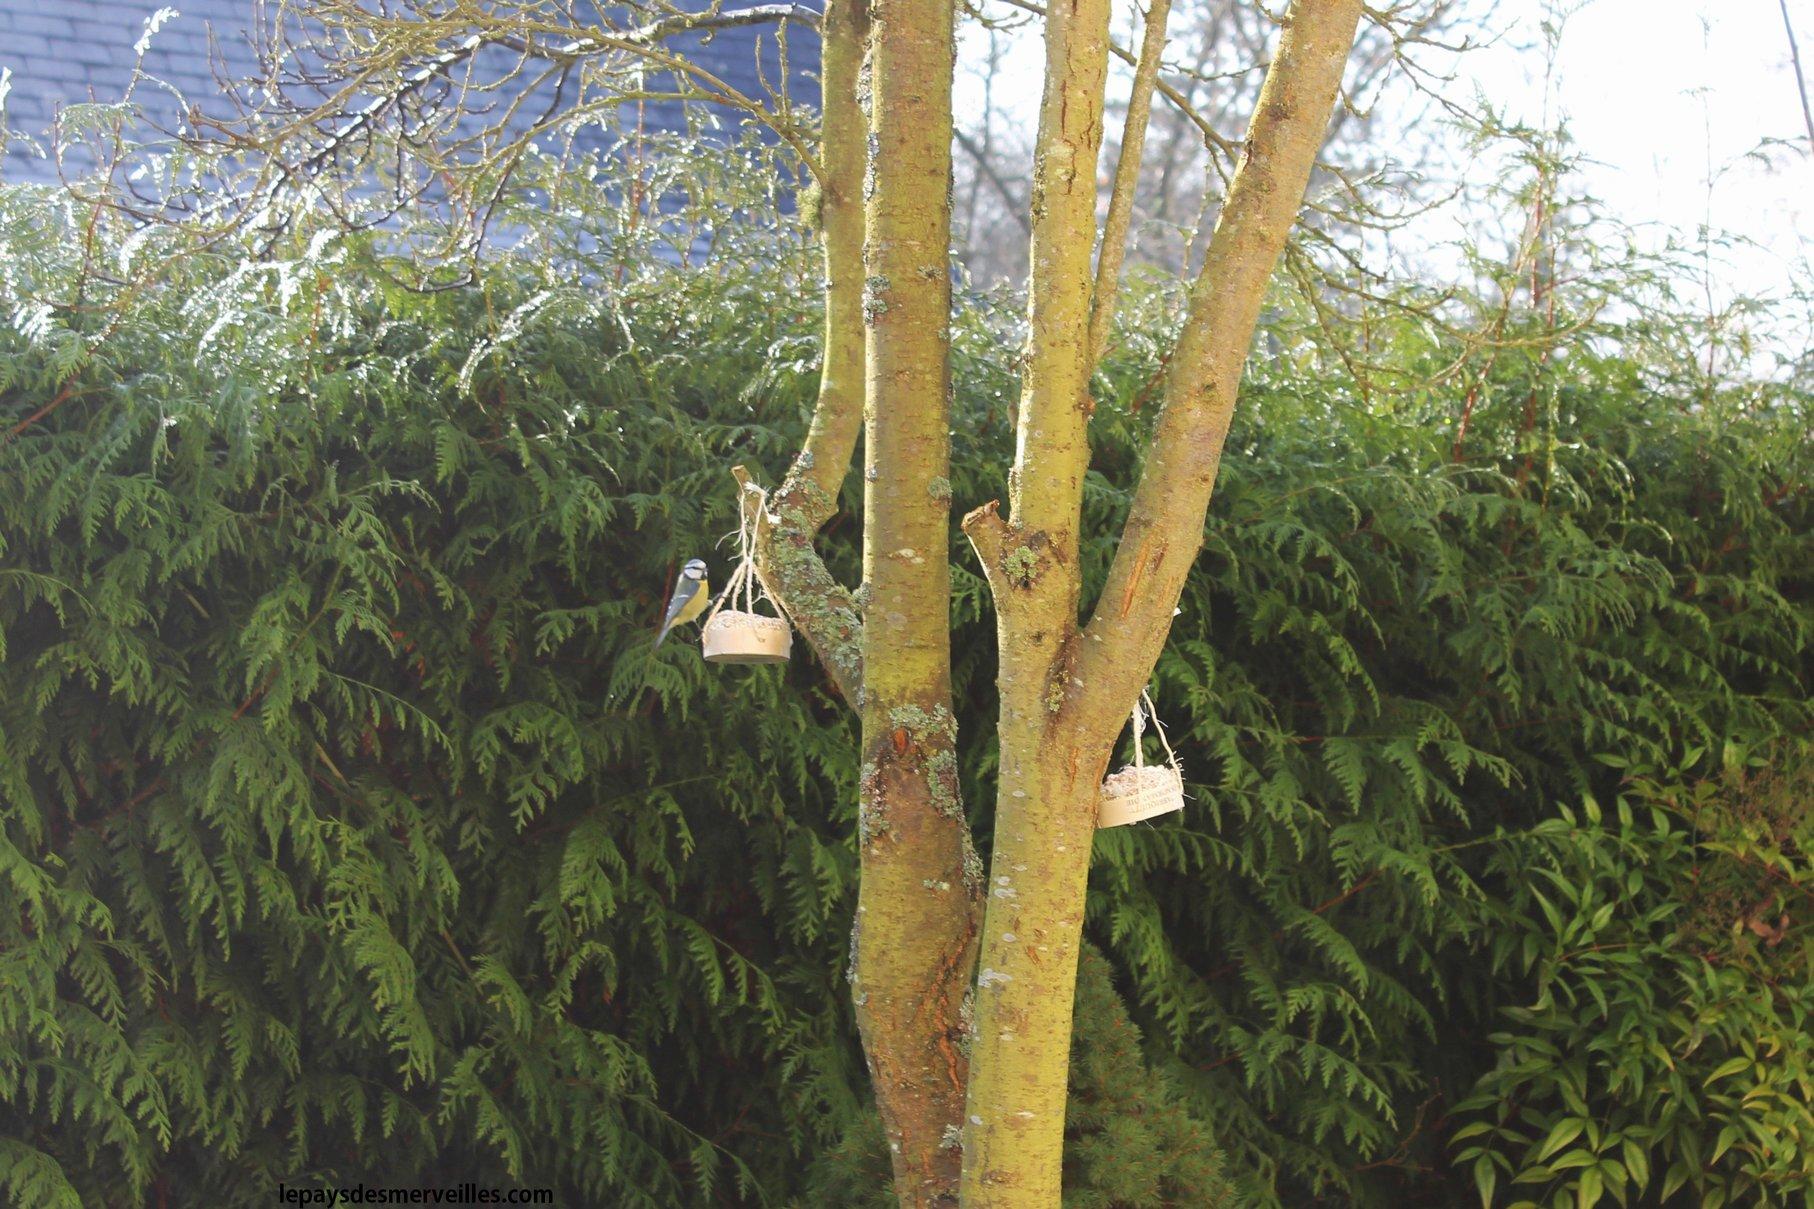 Diy comment nourrir les oiseaux en hiver une activit faire avec les enfants le pays des - Comment effrayer les oiseaux ...